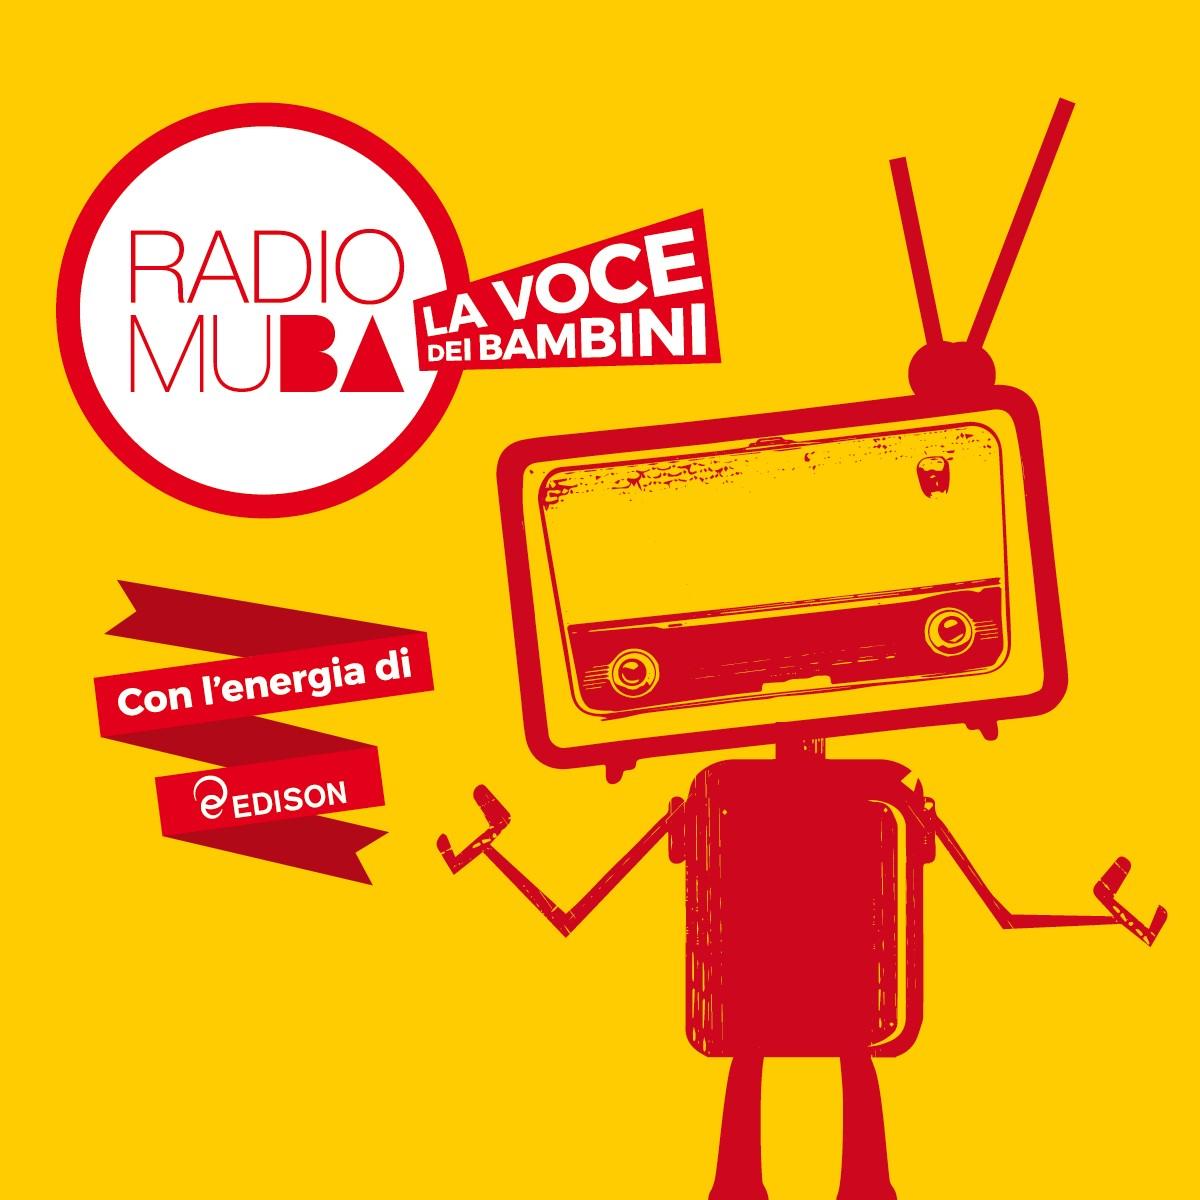 Radio MUBA (2) (1)